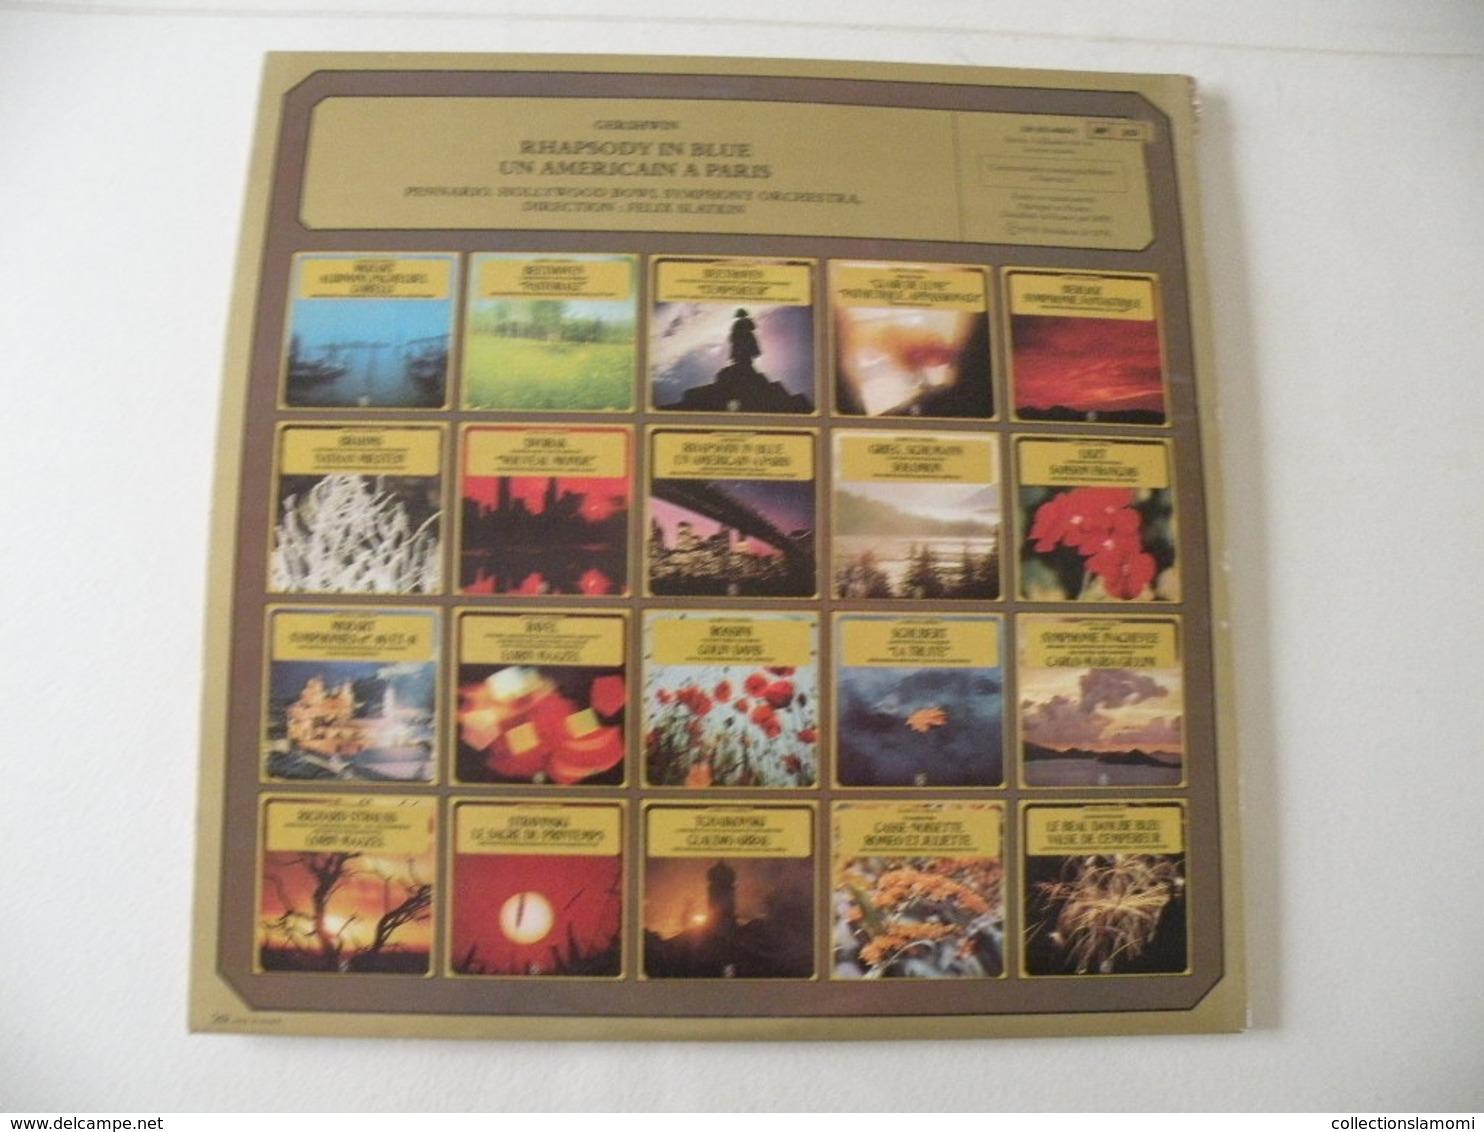 Un Américain à Paris -(Titres Sur Photos)- Vinyle 33 T LP Rhapsody In Blue - Soundtracks, Film Music